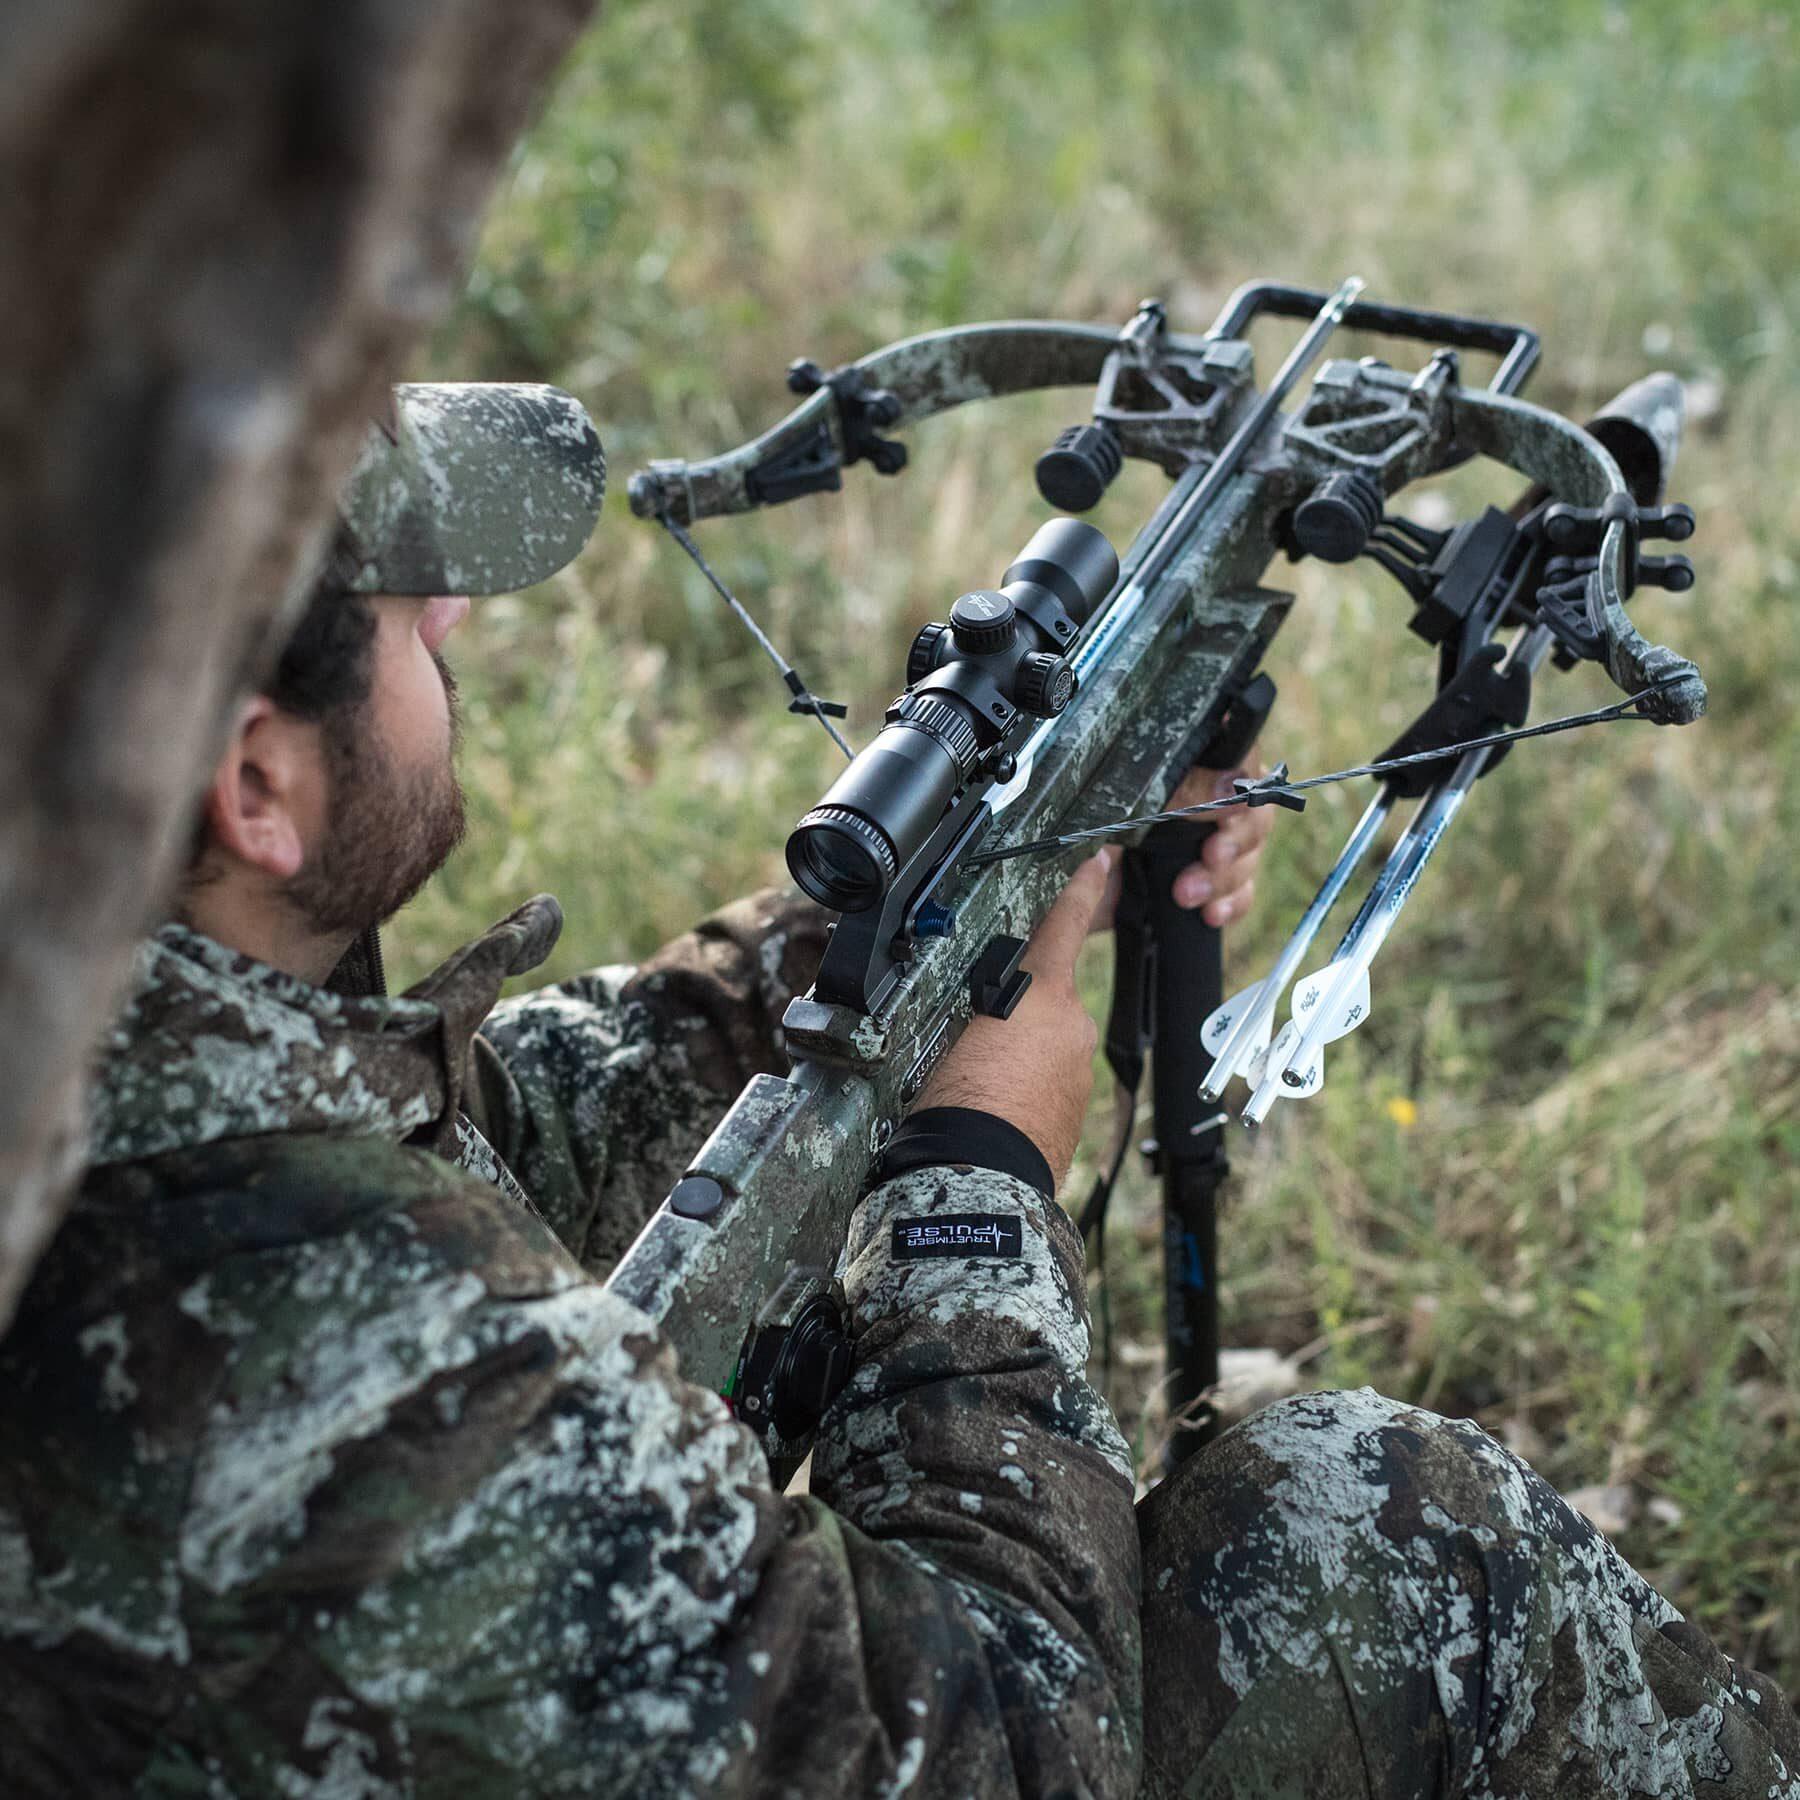 cazador sentado contra un árbol, sosteniendo al asesino 400